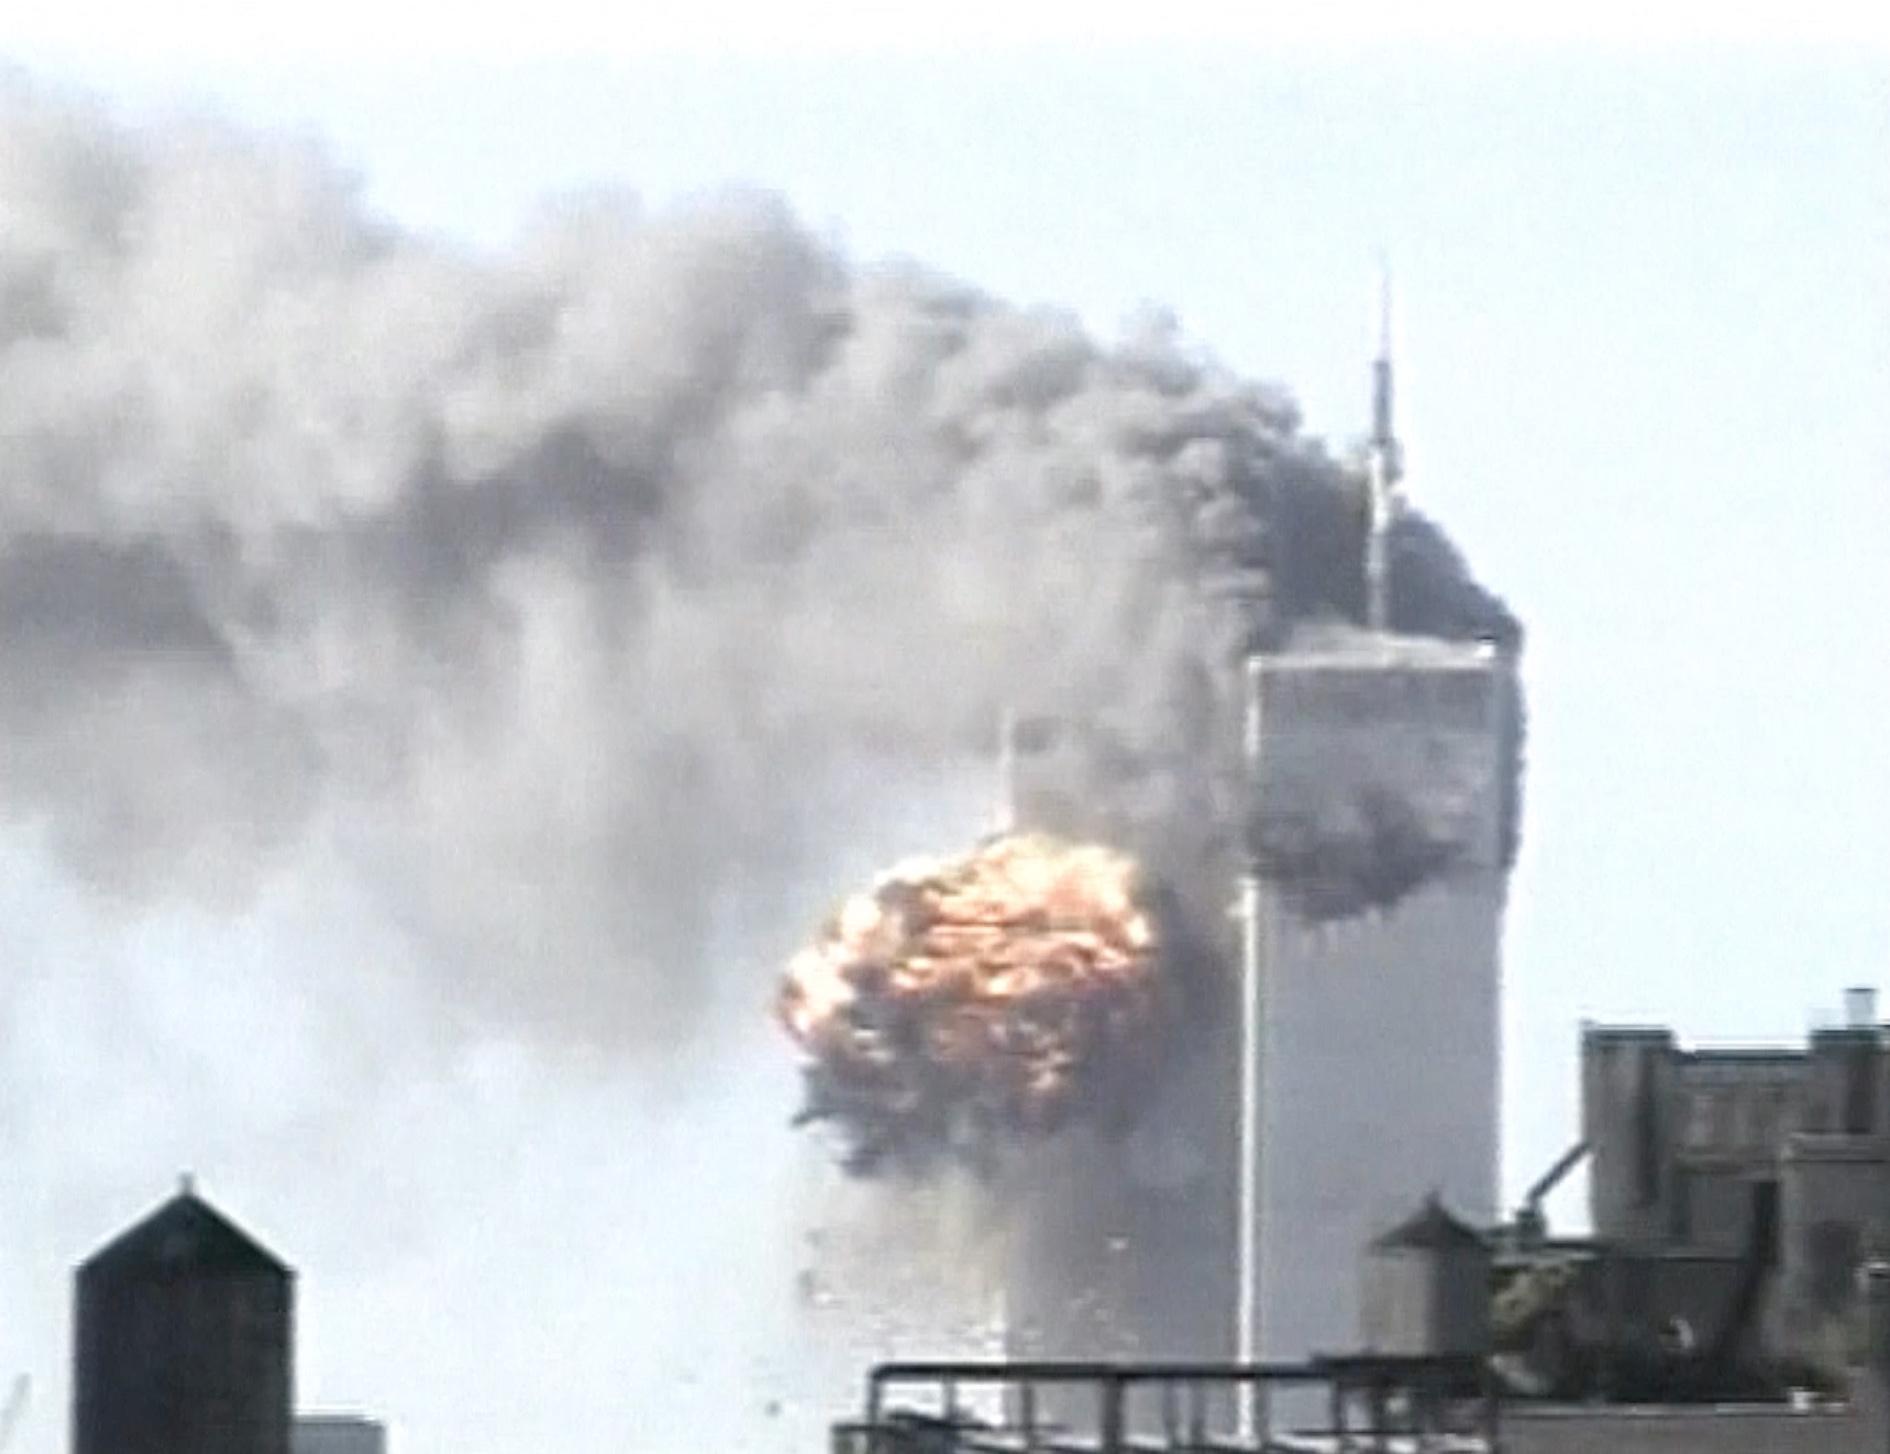 2001年9月11日受到撞击的双子大厦冒着浓烟,美联社提供画面